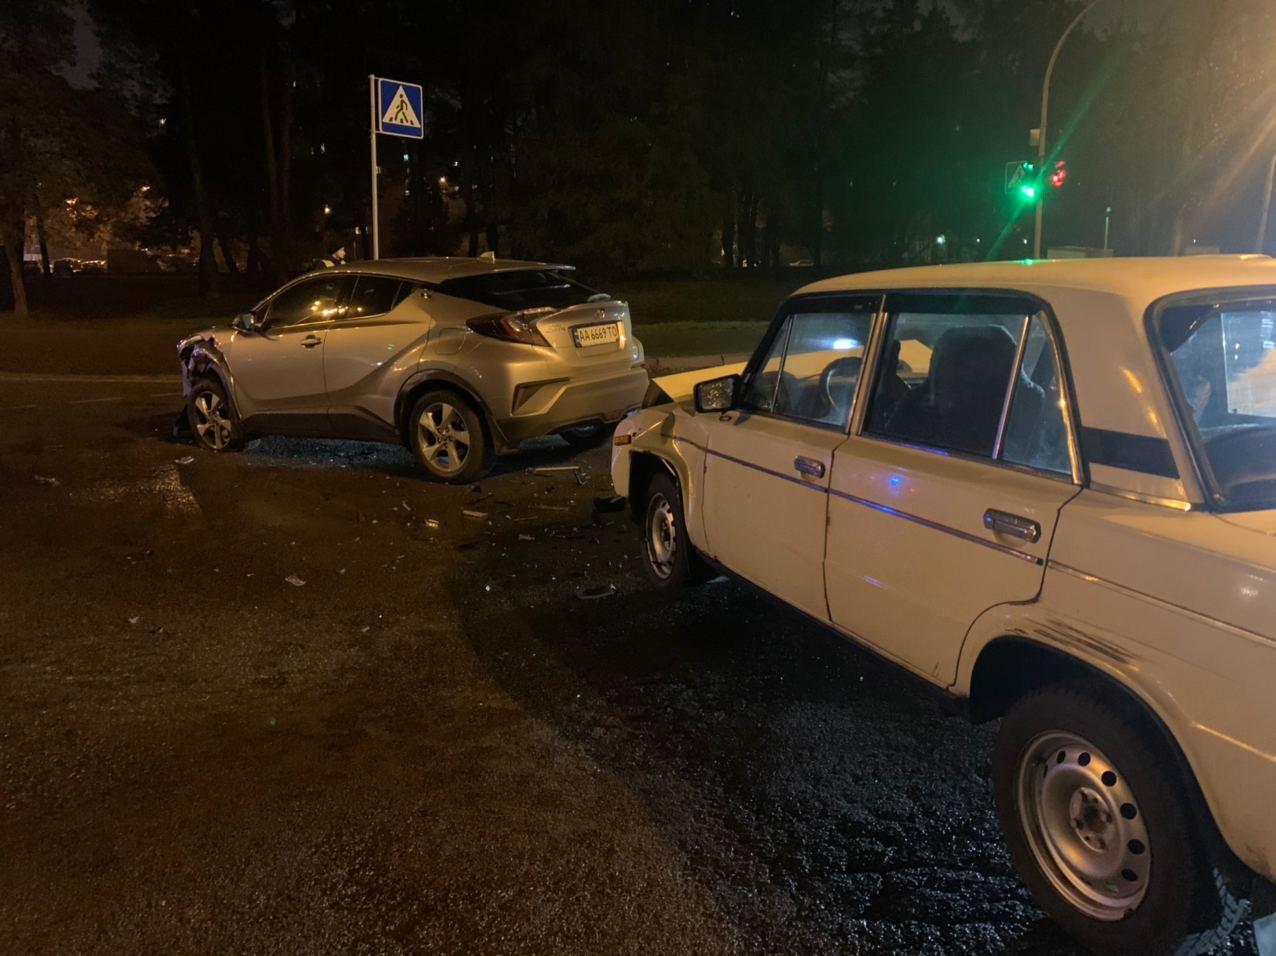 У Києві водій намагався «проскочити», а скоїв ДТП - ДТП, ВАЗ, Аварія на дорозі - IMG 20201116 072854 650